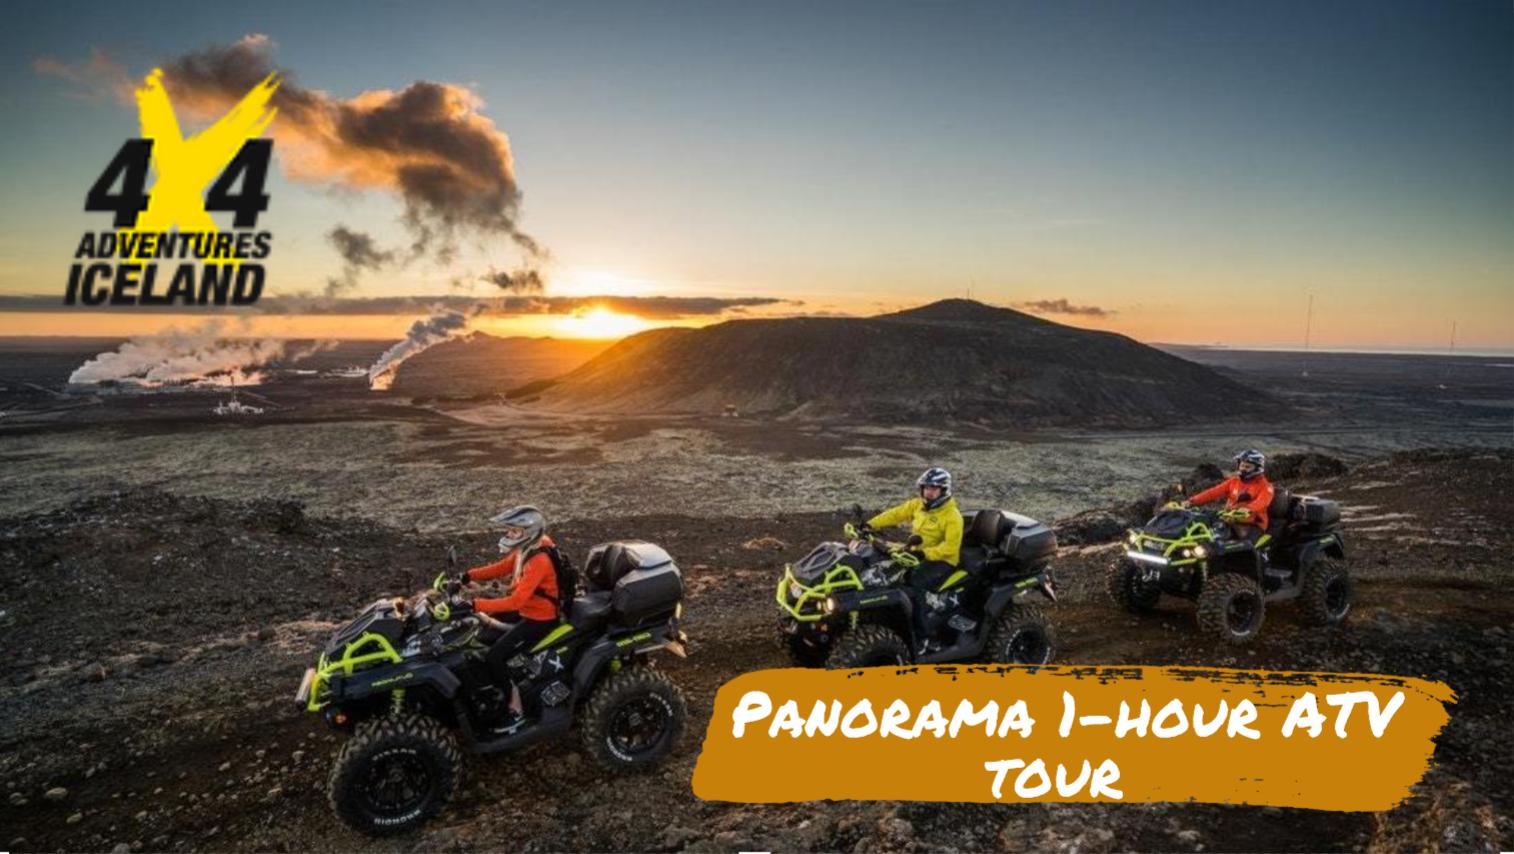 Panorama 1-hour ATV tour